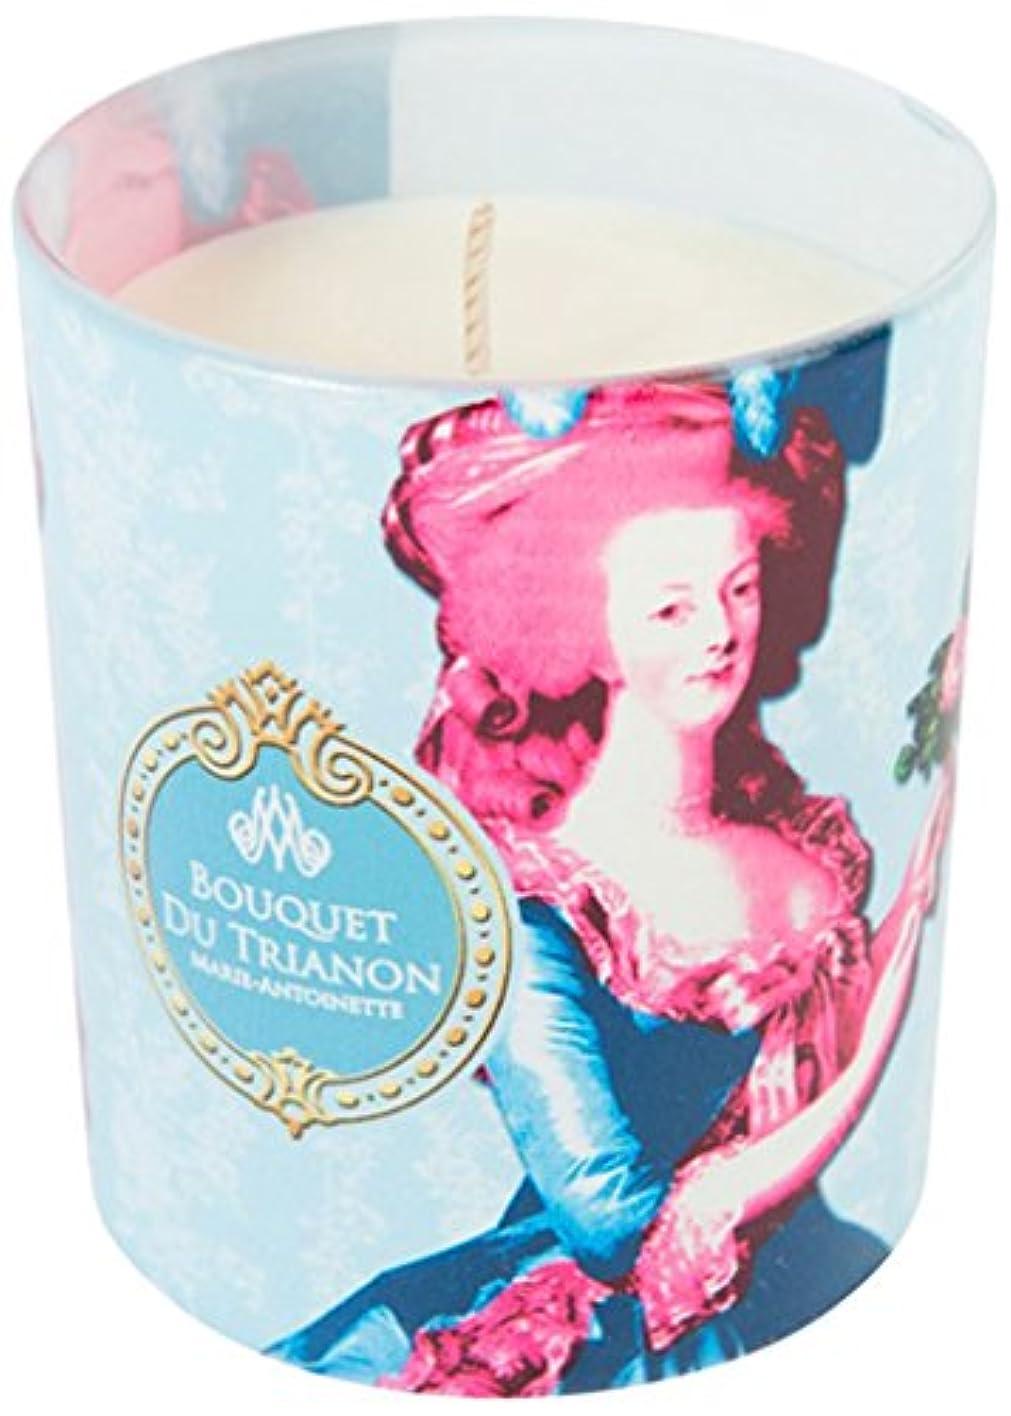 シャッター永遠の劣るヒストリア ポップアートキャンドル ブーケトリアノン 色とりどりの花のブーケの香り